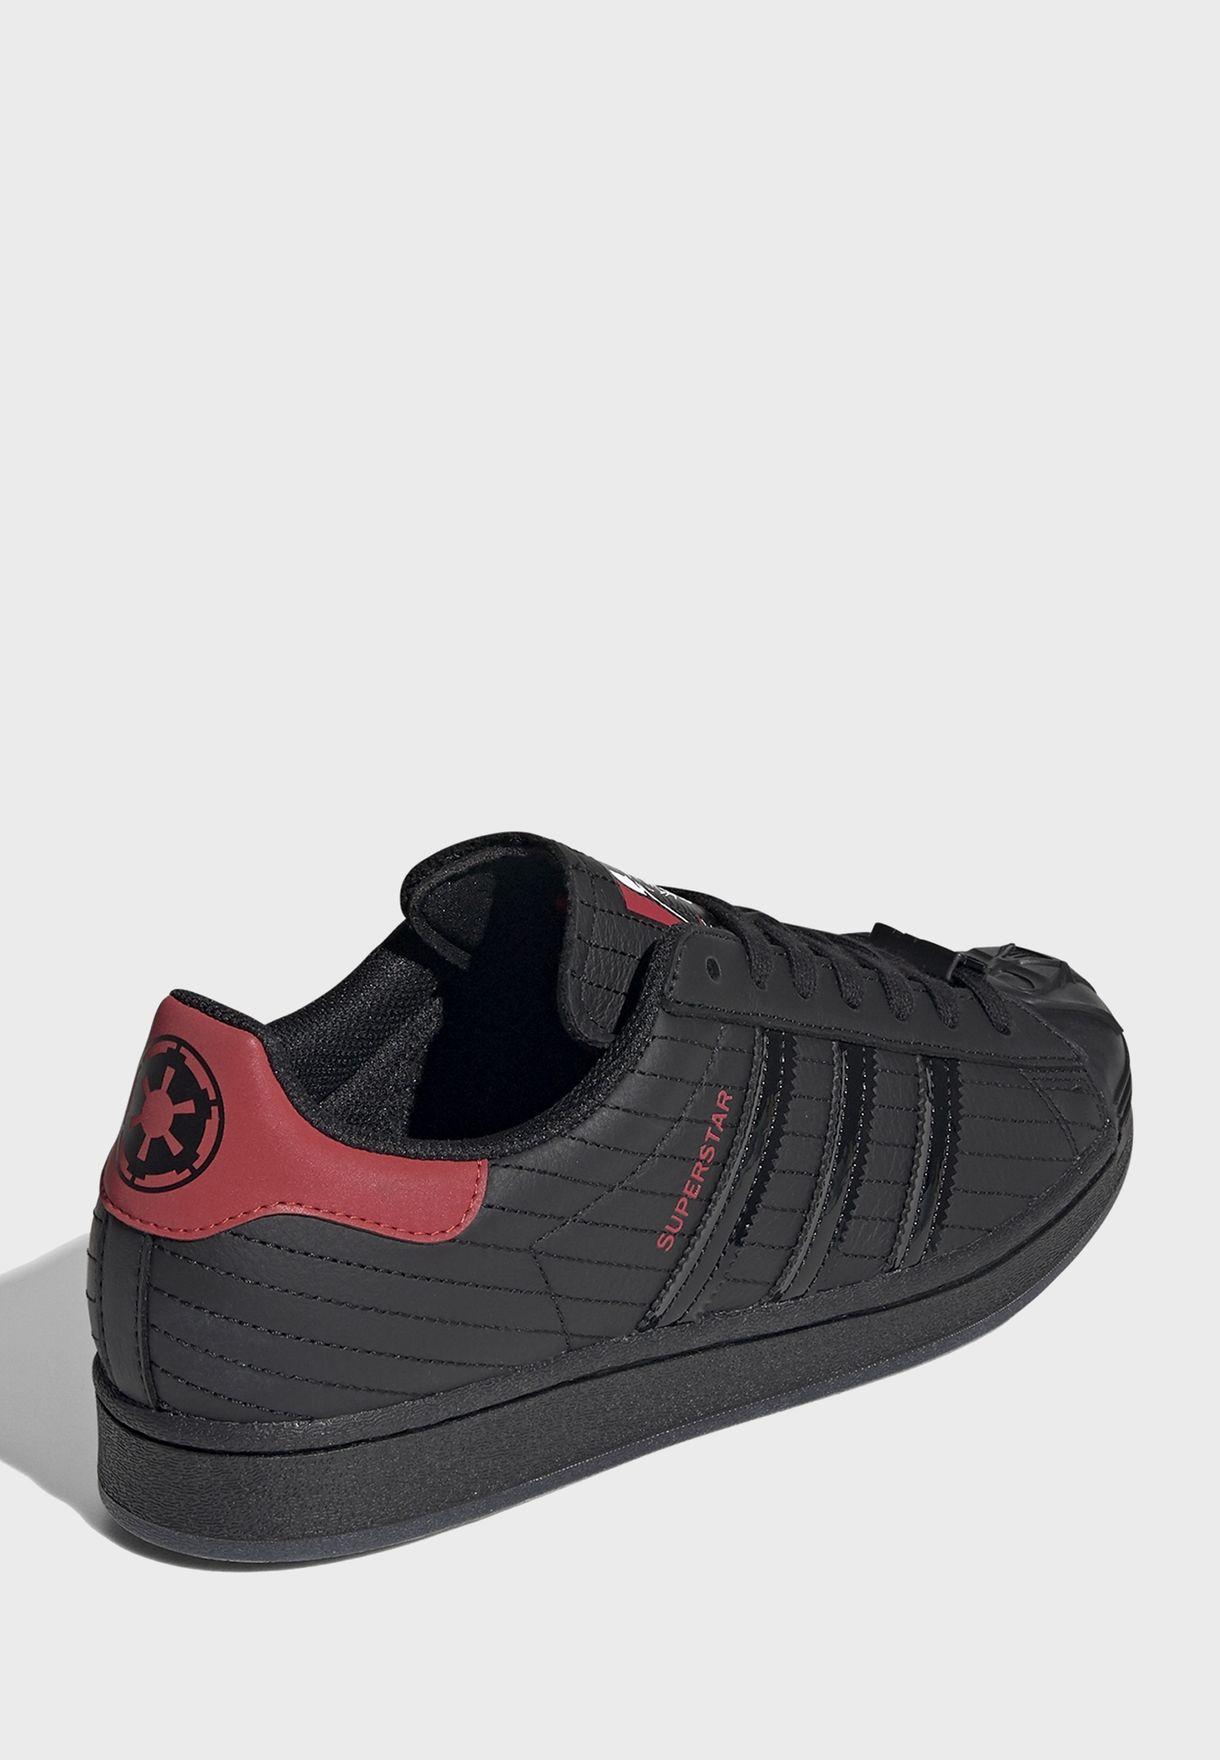 حذاء من مجموعة ستار وورز